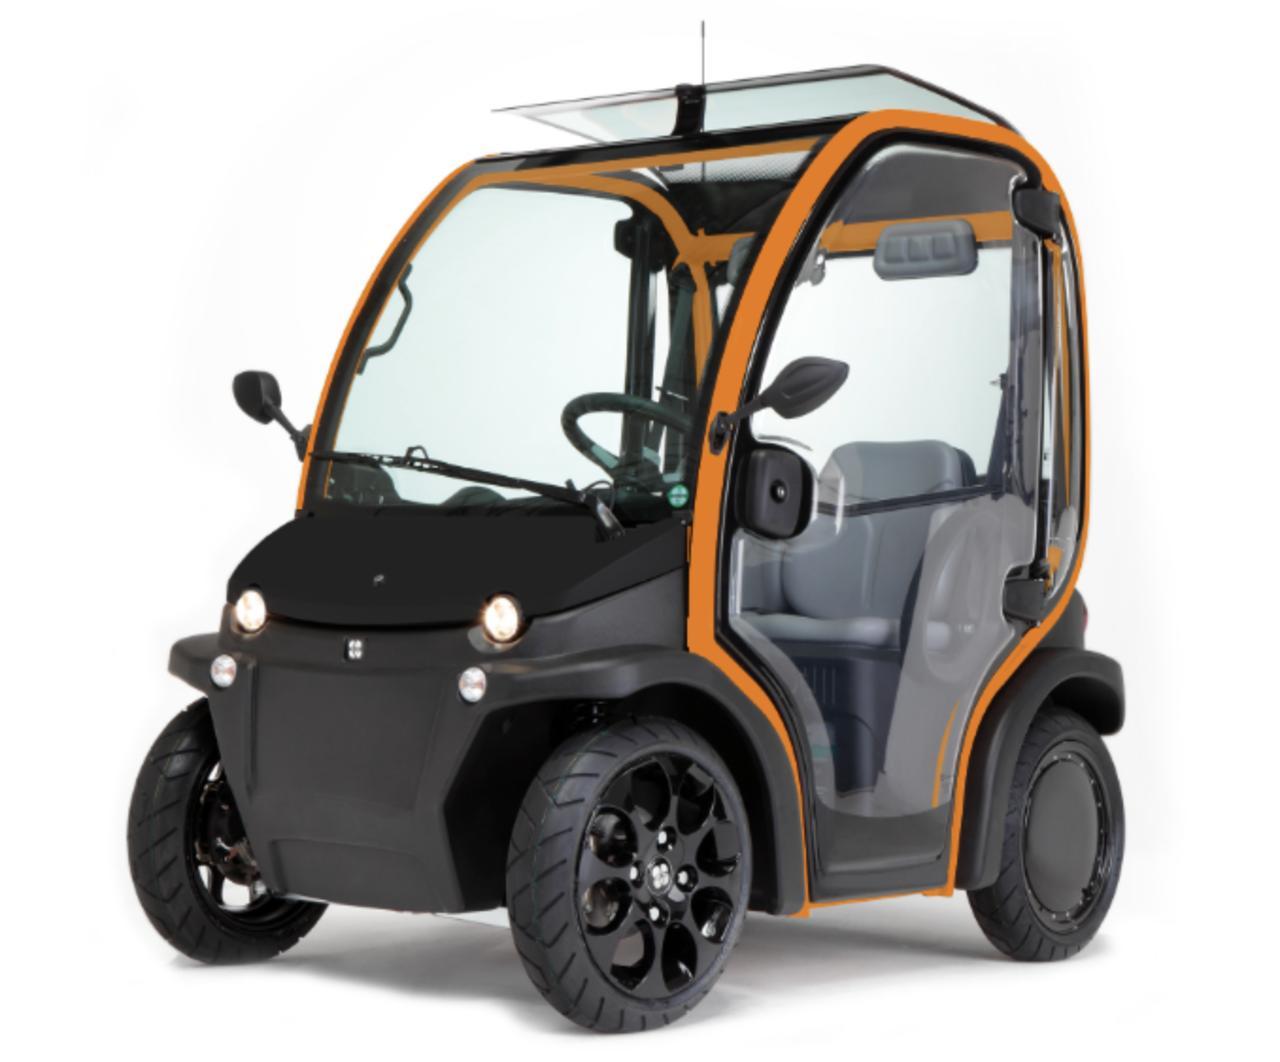 画像: こちらはボンネットカラーをブラック、フレームカラーをオレンジ系(21番カラー)にしてみたもの www.birojapan.com